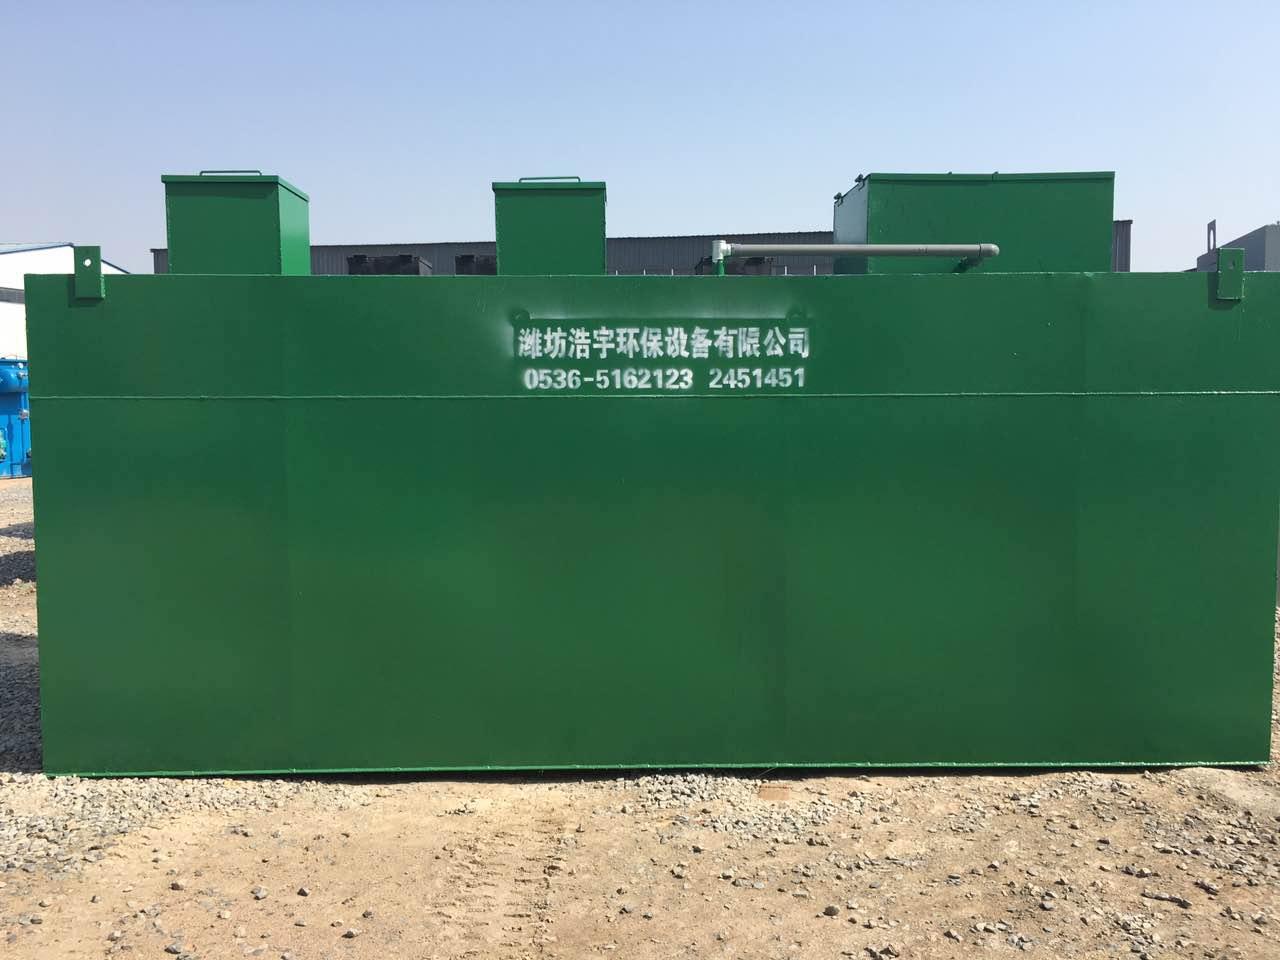 六盤水醫院污水處理設備 <br> 全新  價格:38000 <br> <img src=http://k.kqzp.cn/img/up/img/5f49b28f083aa.jpg